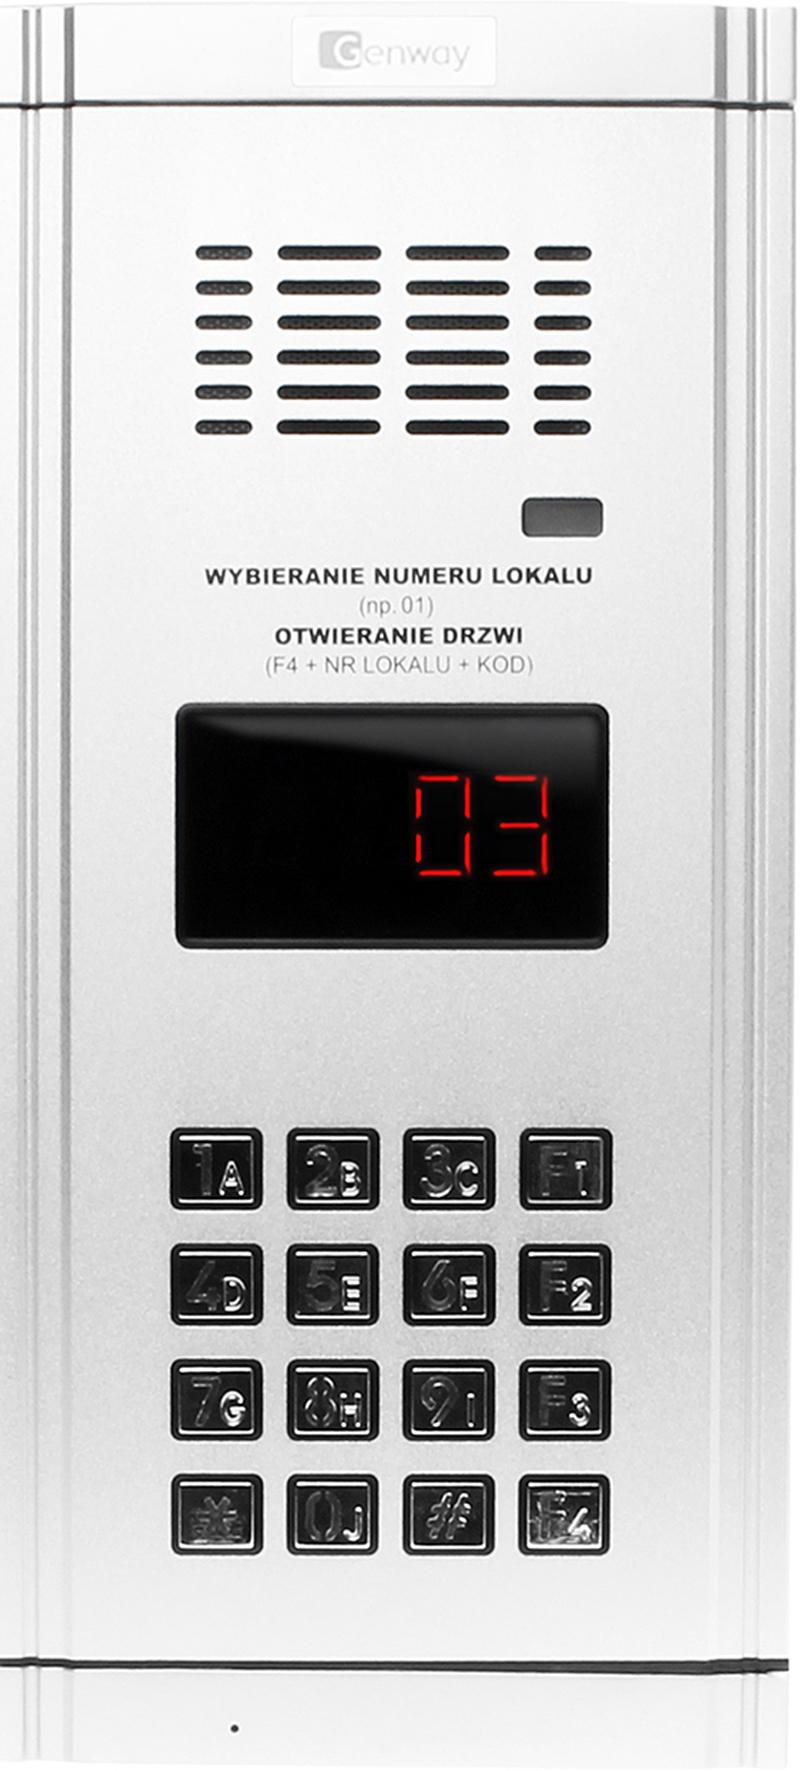 Zestaw Domofonowy 6 Rodzinny Wl 03nl Sklep Genway Intercom Wiring Diagram